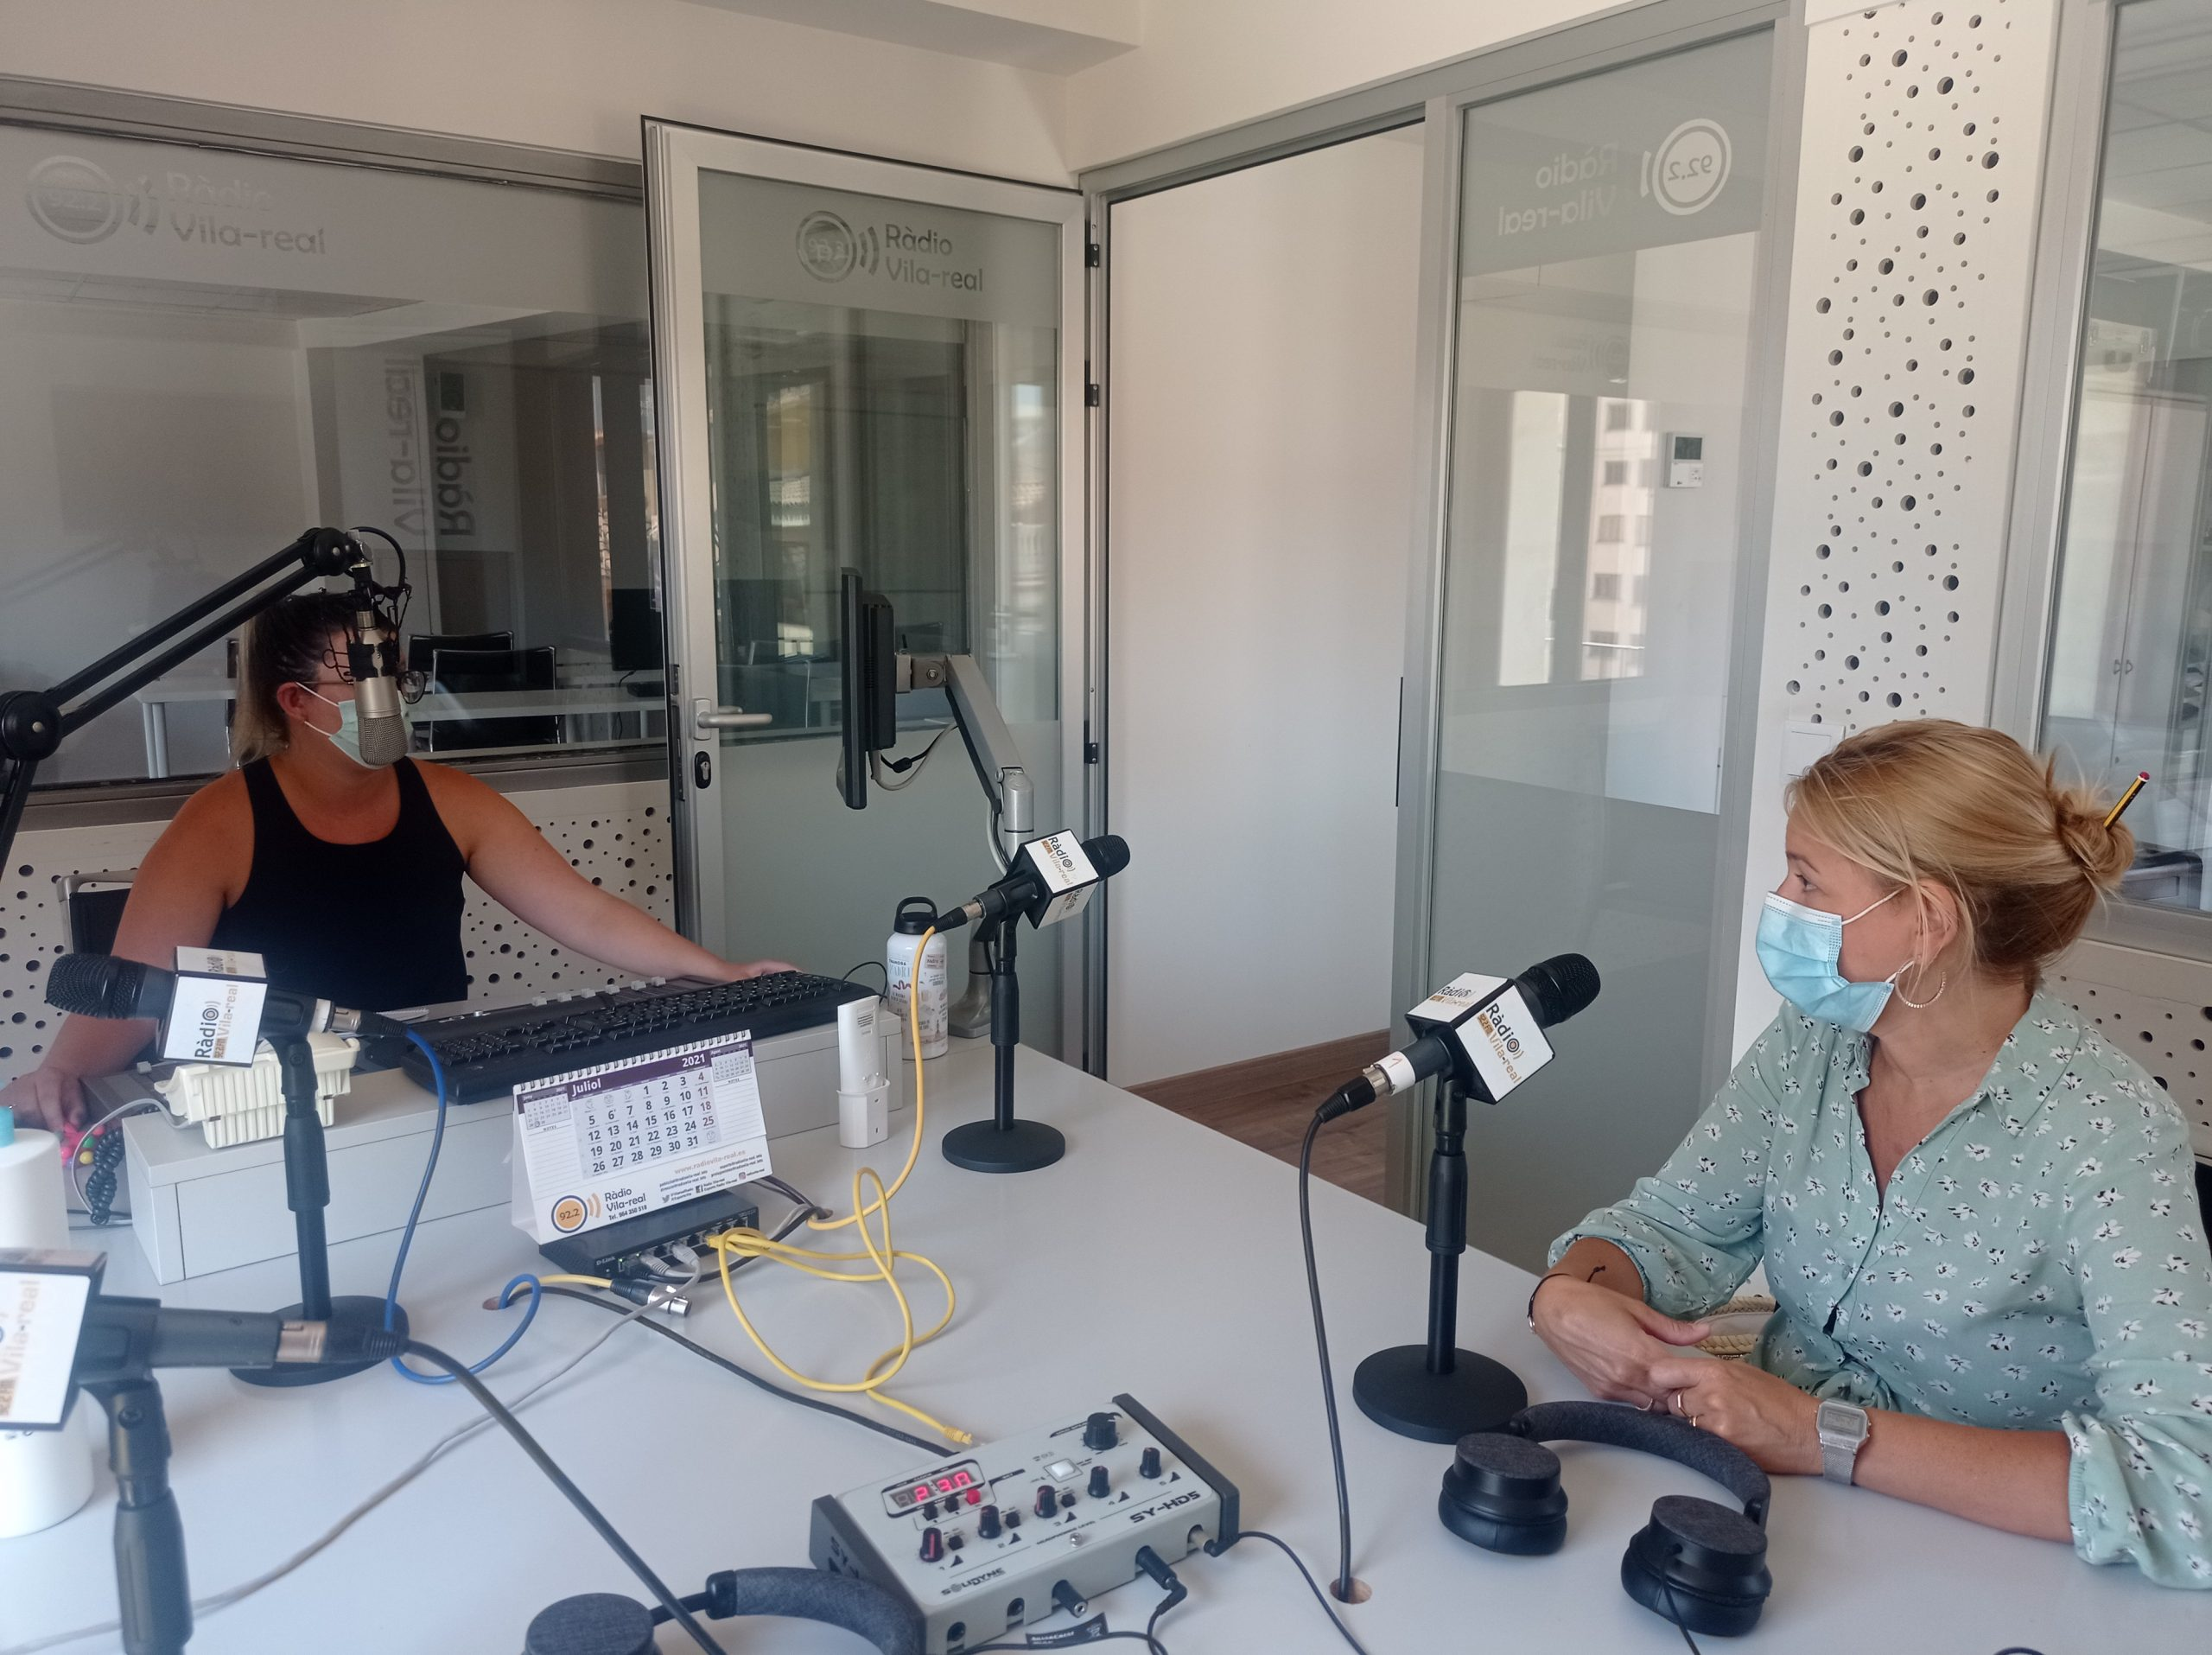 Entrevista a la concejala de Seguridad Ciudadana y Sanidad de Vila-real, Silvia Gómez